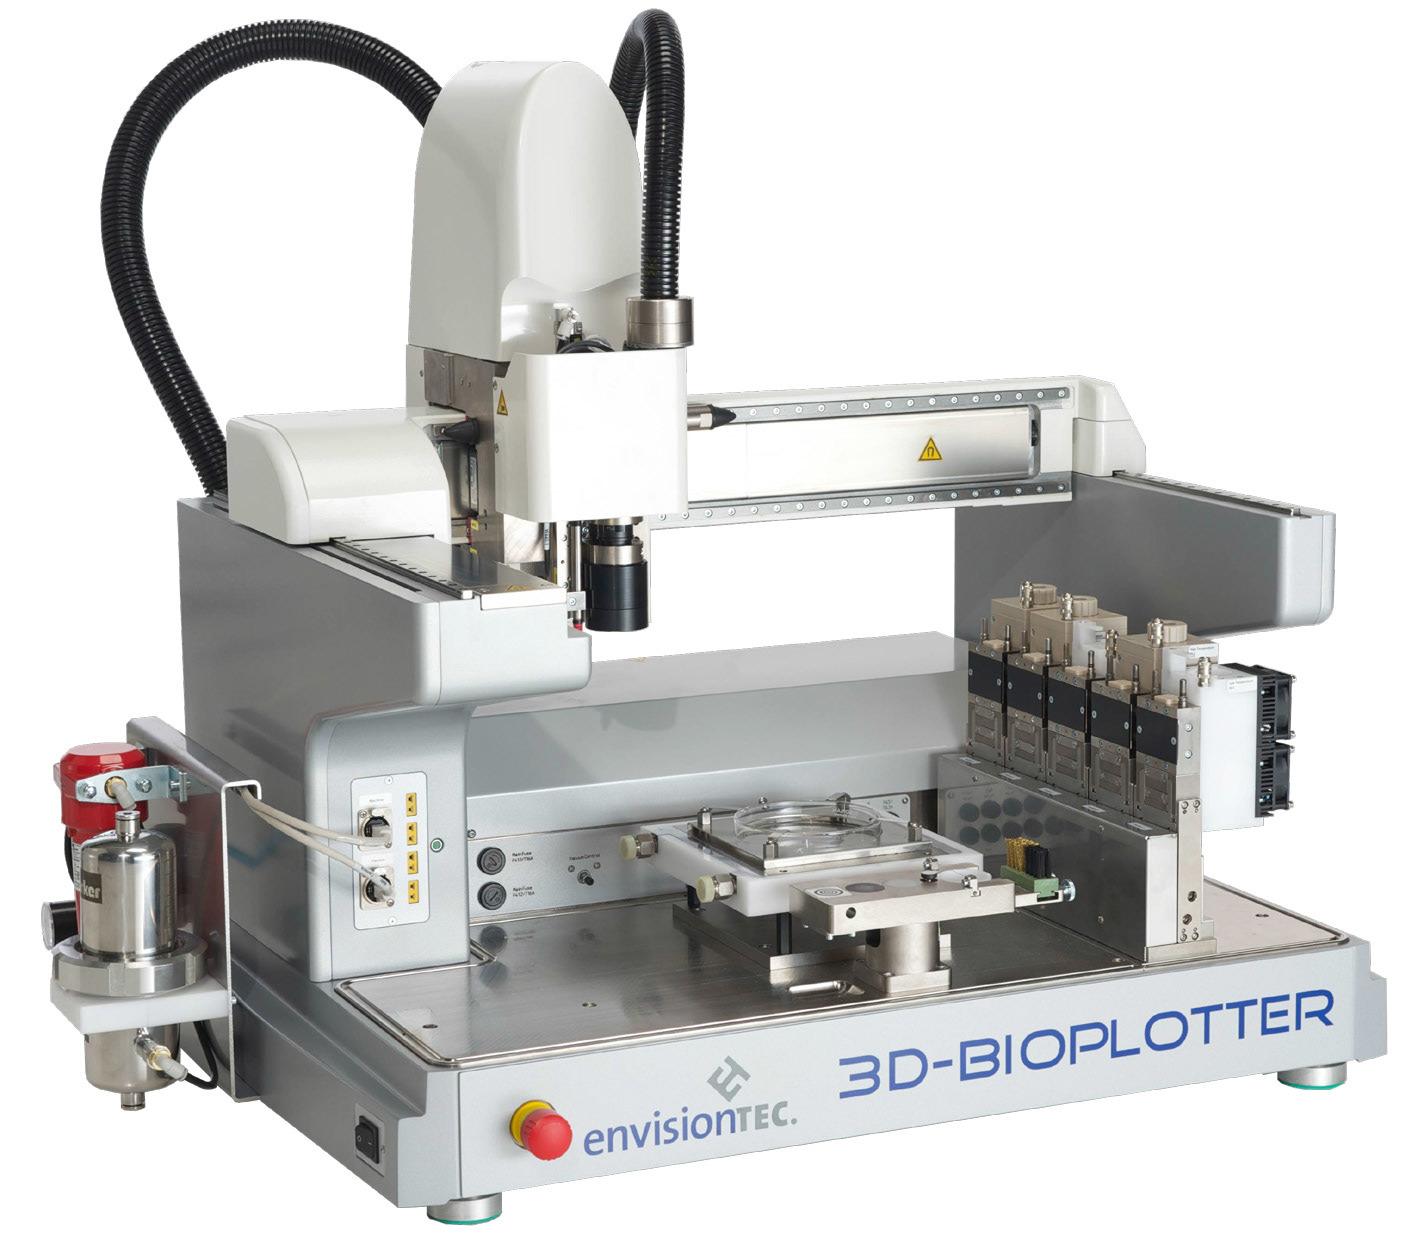 Создан биоматериал для 3D-печати временных костей человека - 2